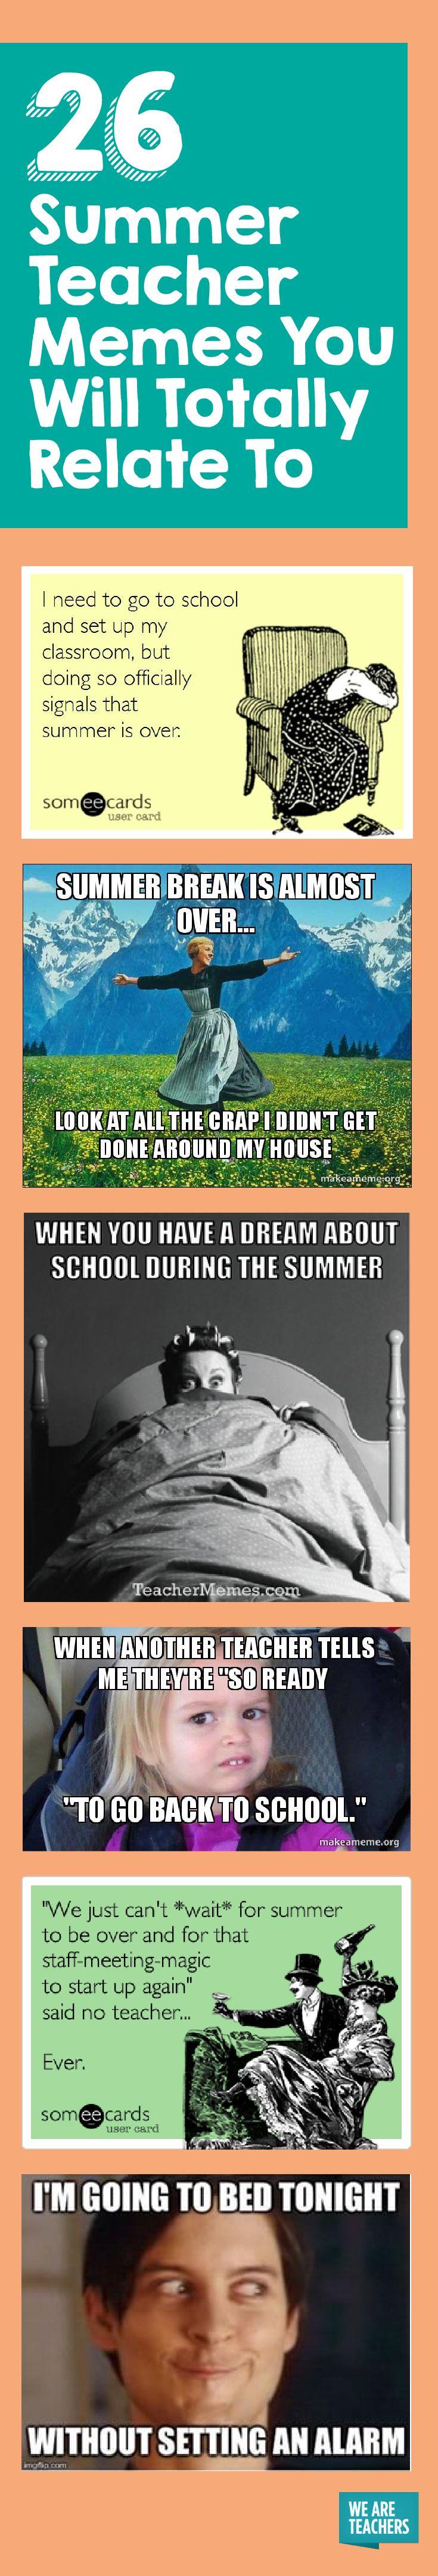 26 Summer Teacher Memes You Will Totally Relate To - WeAreTeachers